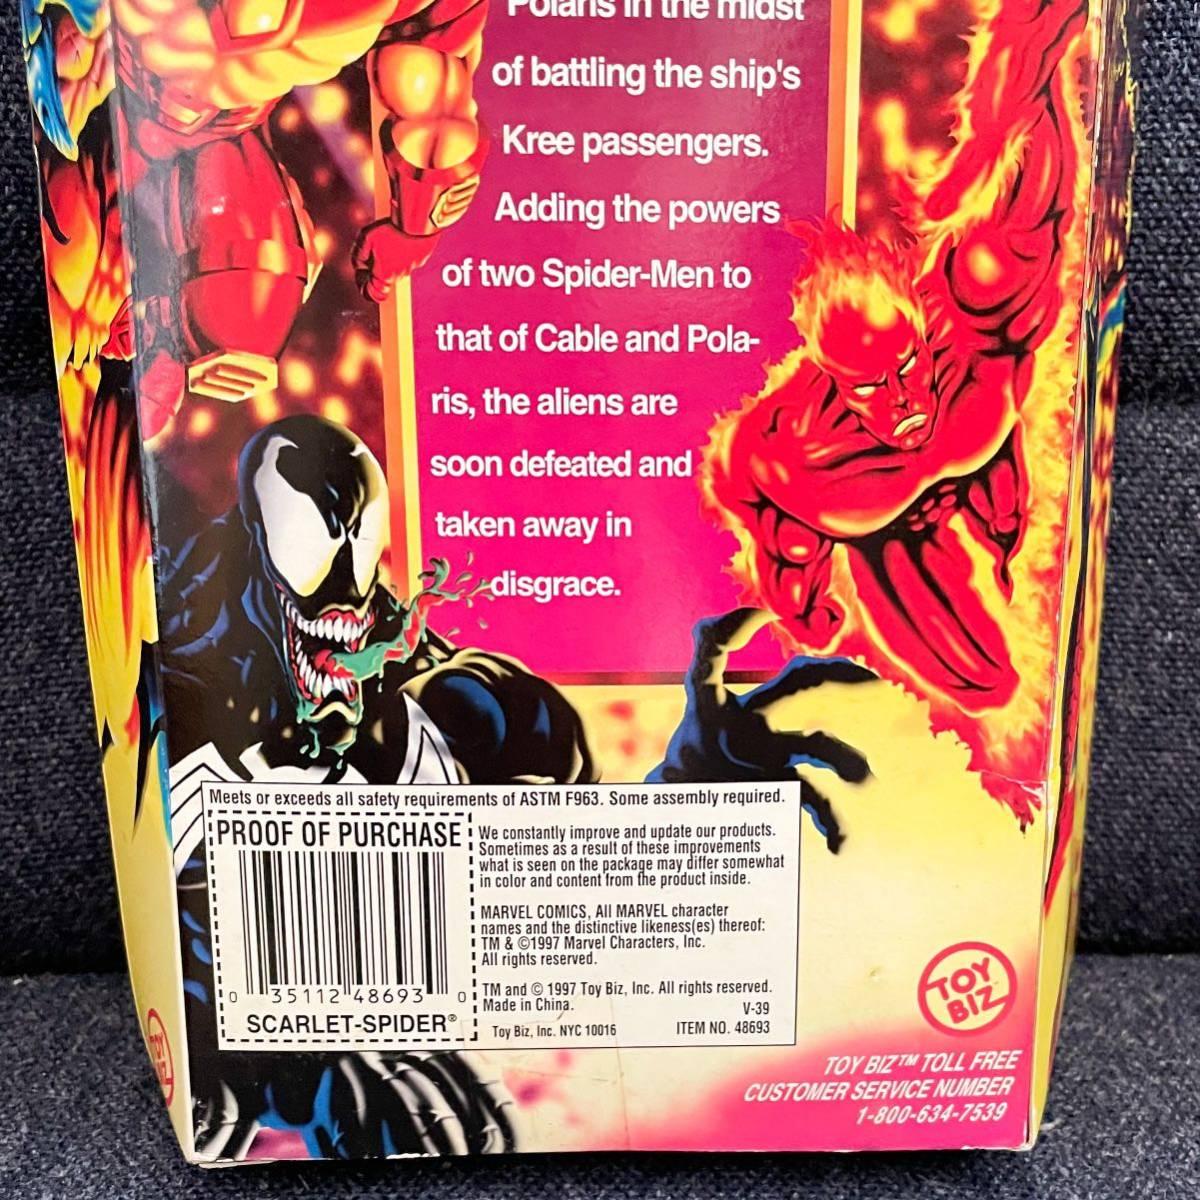 未開封 1997年製 TOYBIZ トイビズ マーベルユニバース 10インチアクションフィギュア SPIDER-MAN スパイダーマン スカーレットスパイダー_画像7